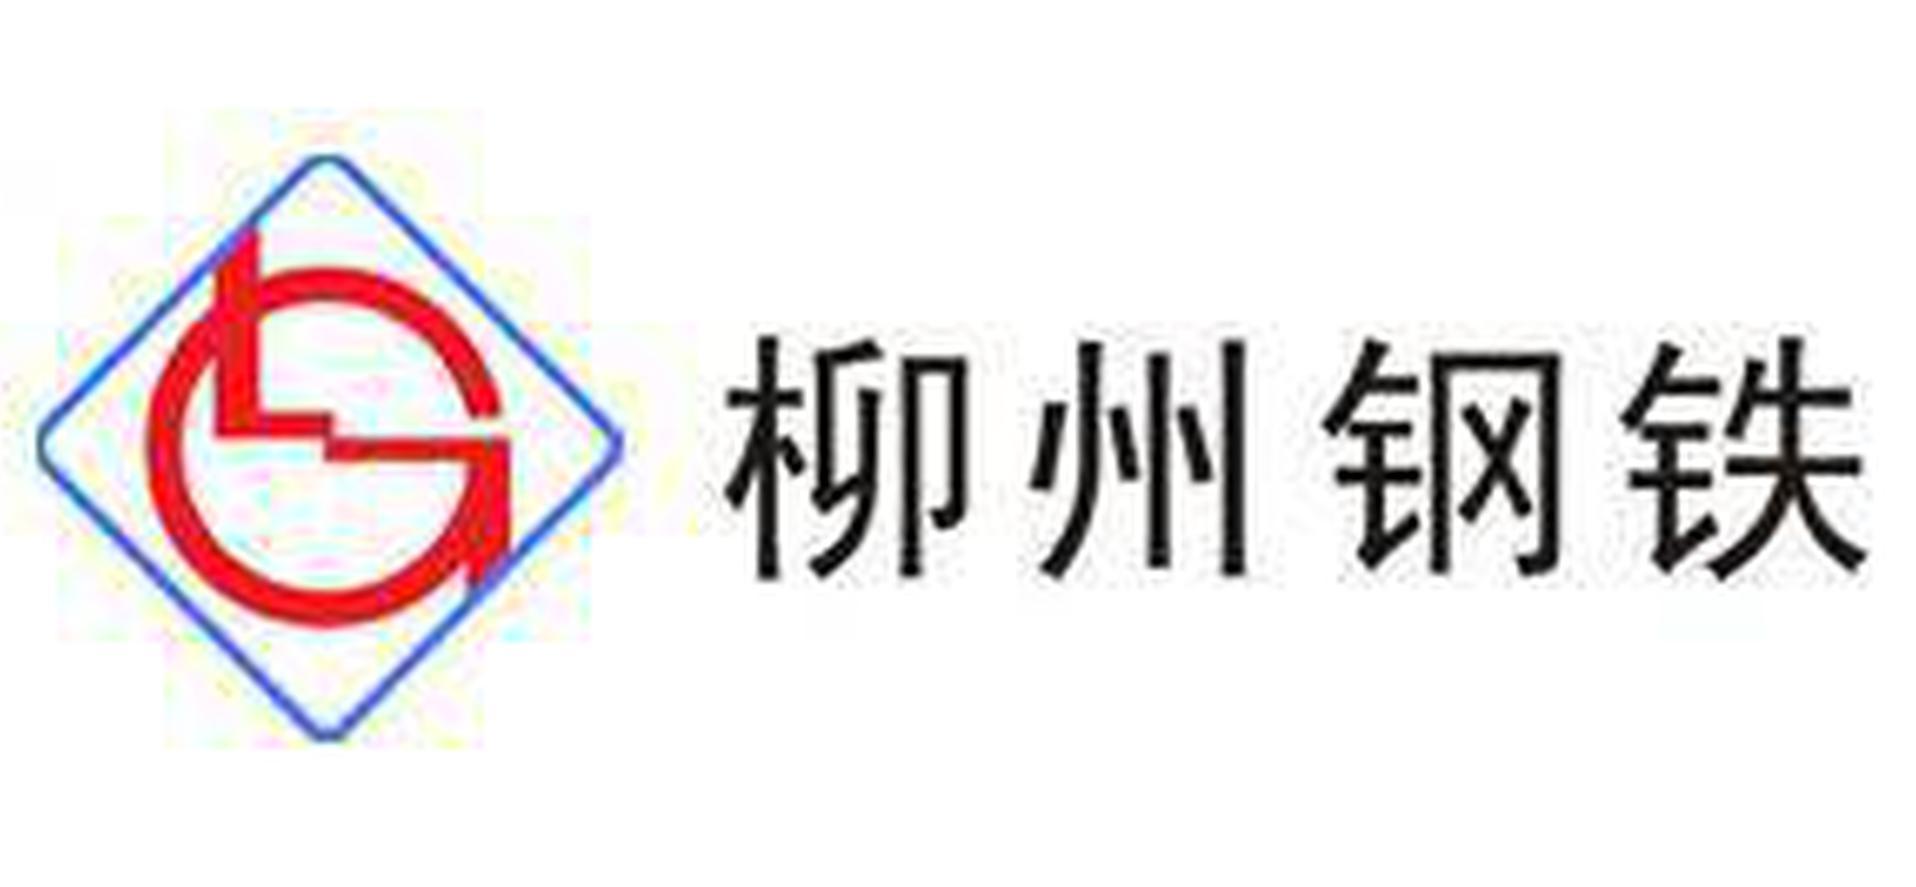 柳钢股份拟派15亿元